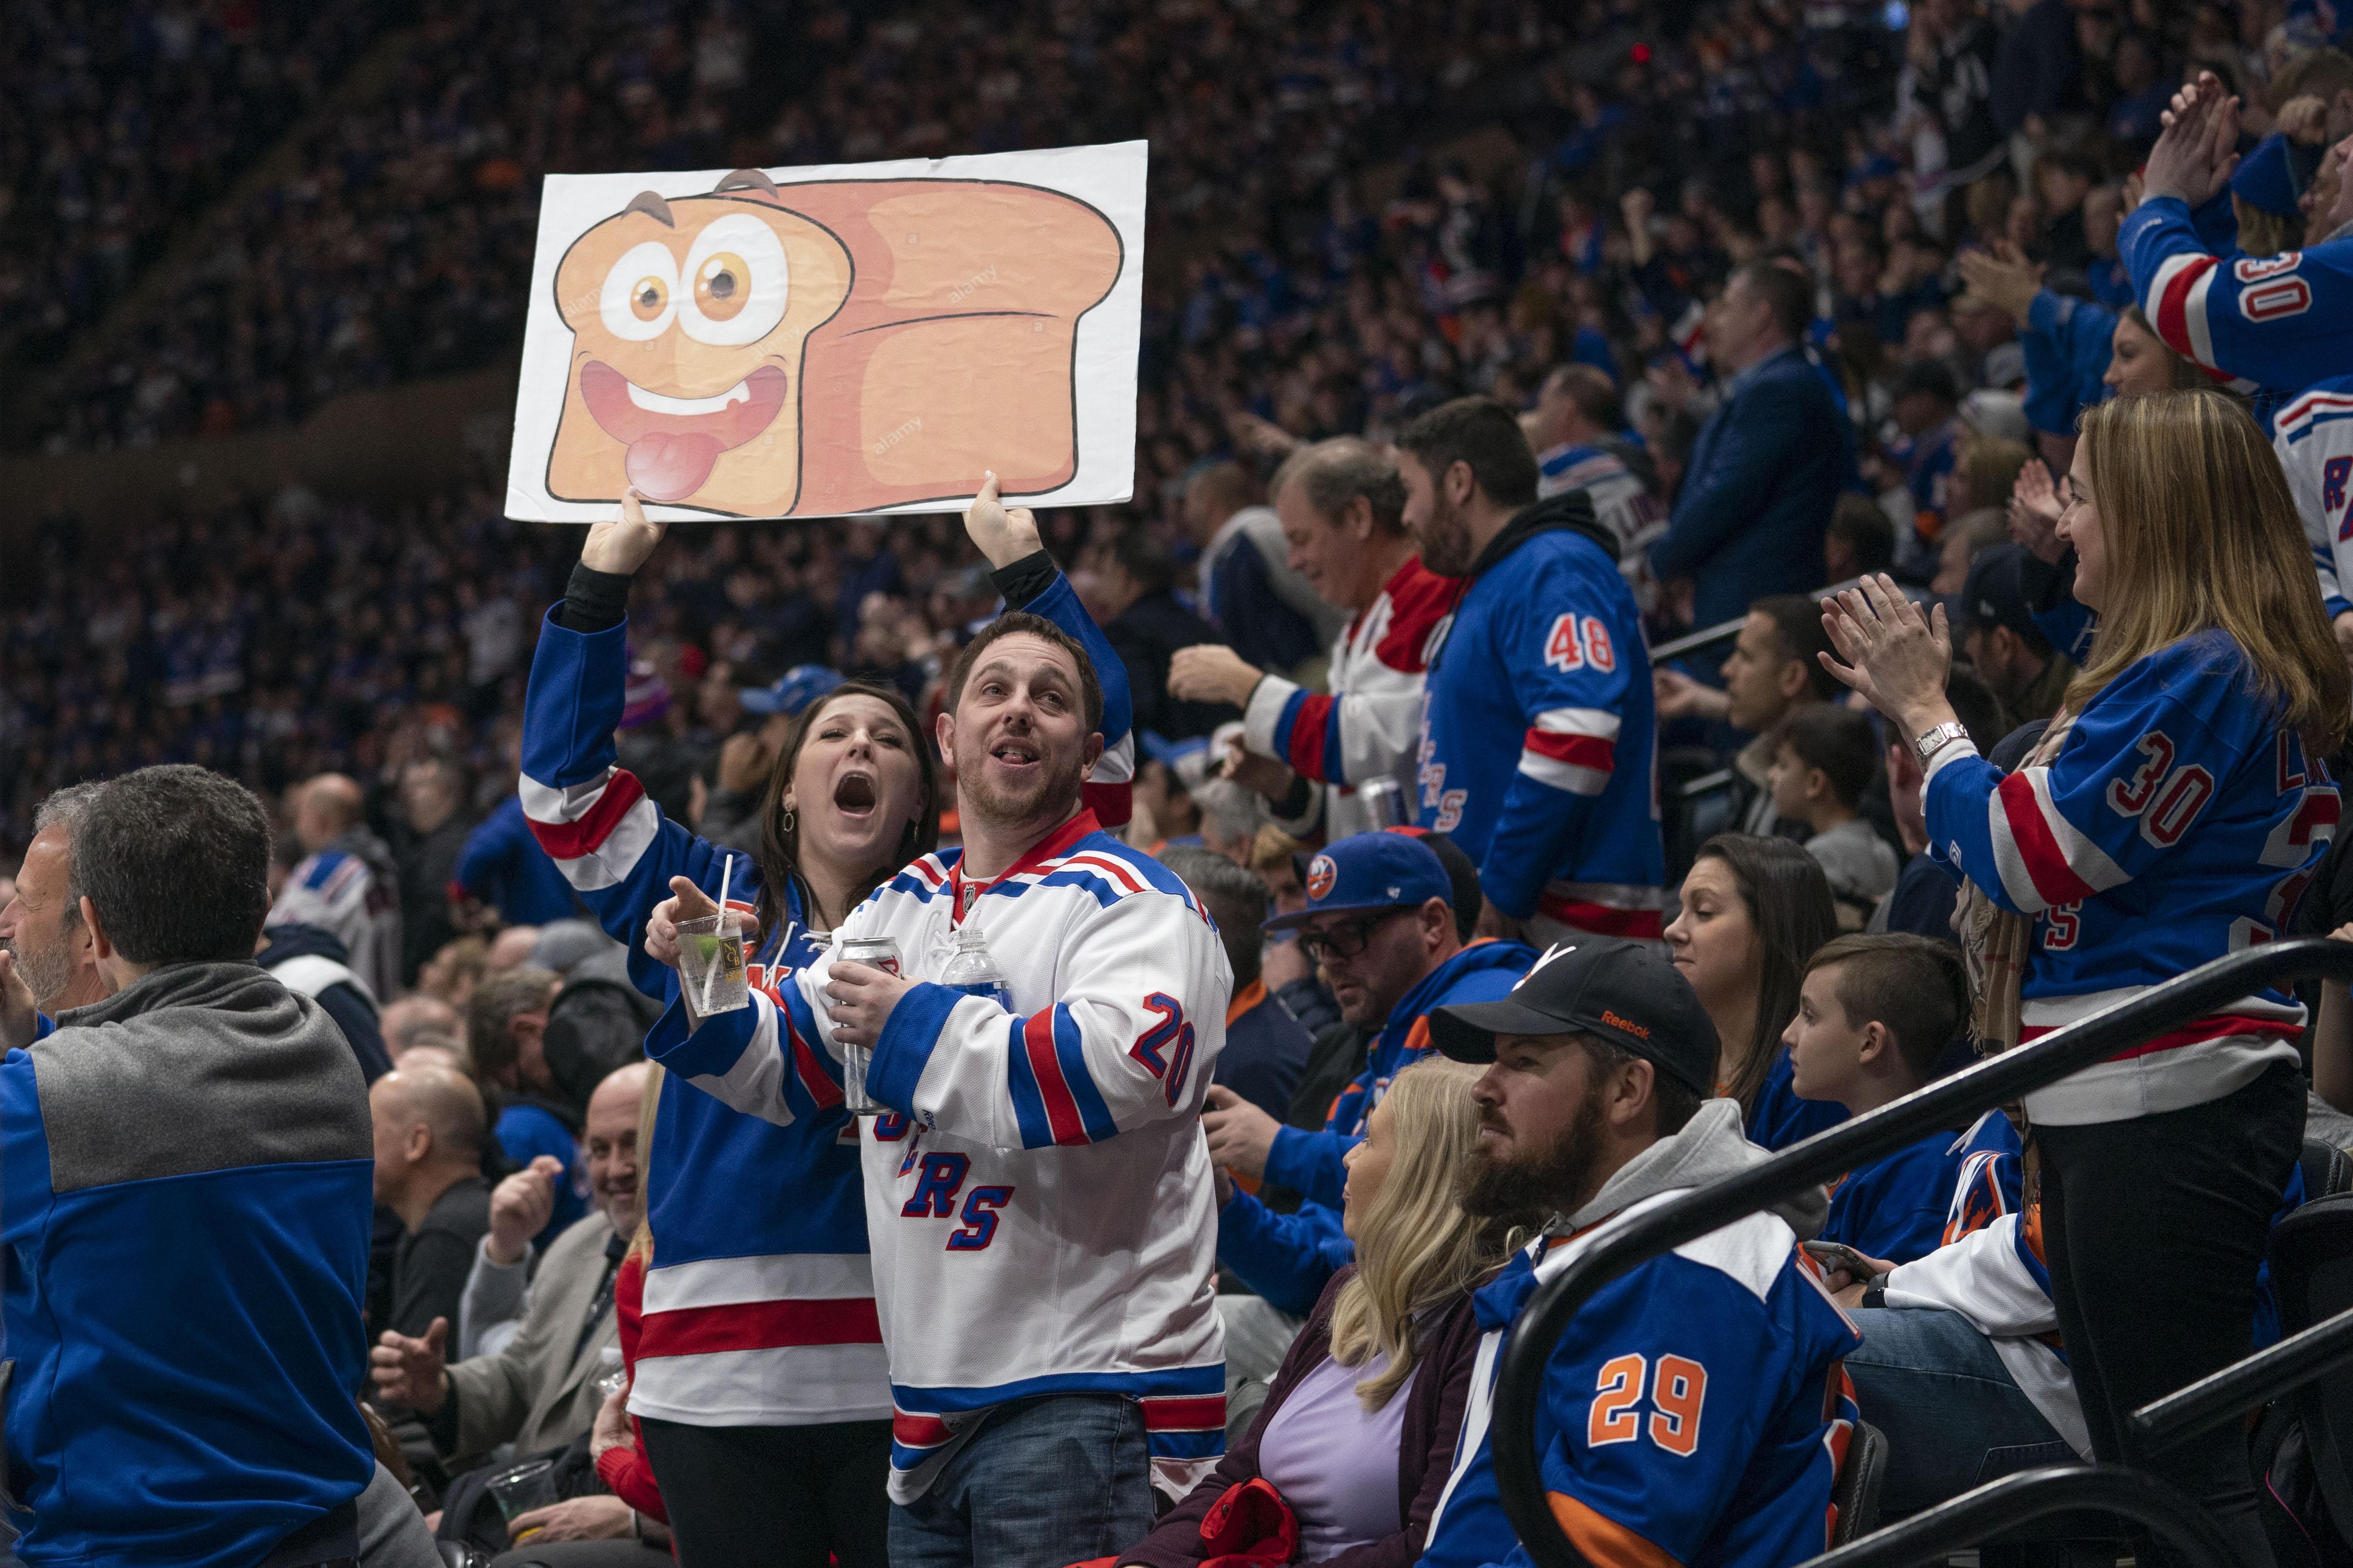 NHL: JAN 16 Rangers at Islanders